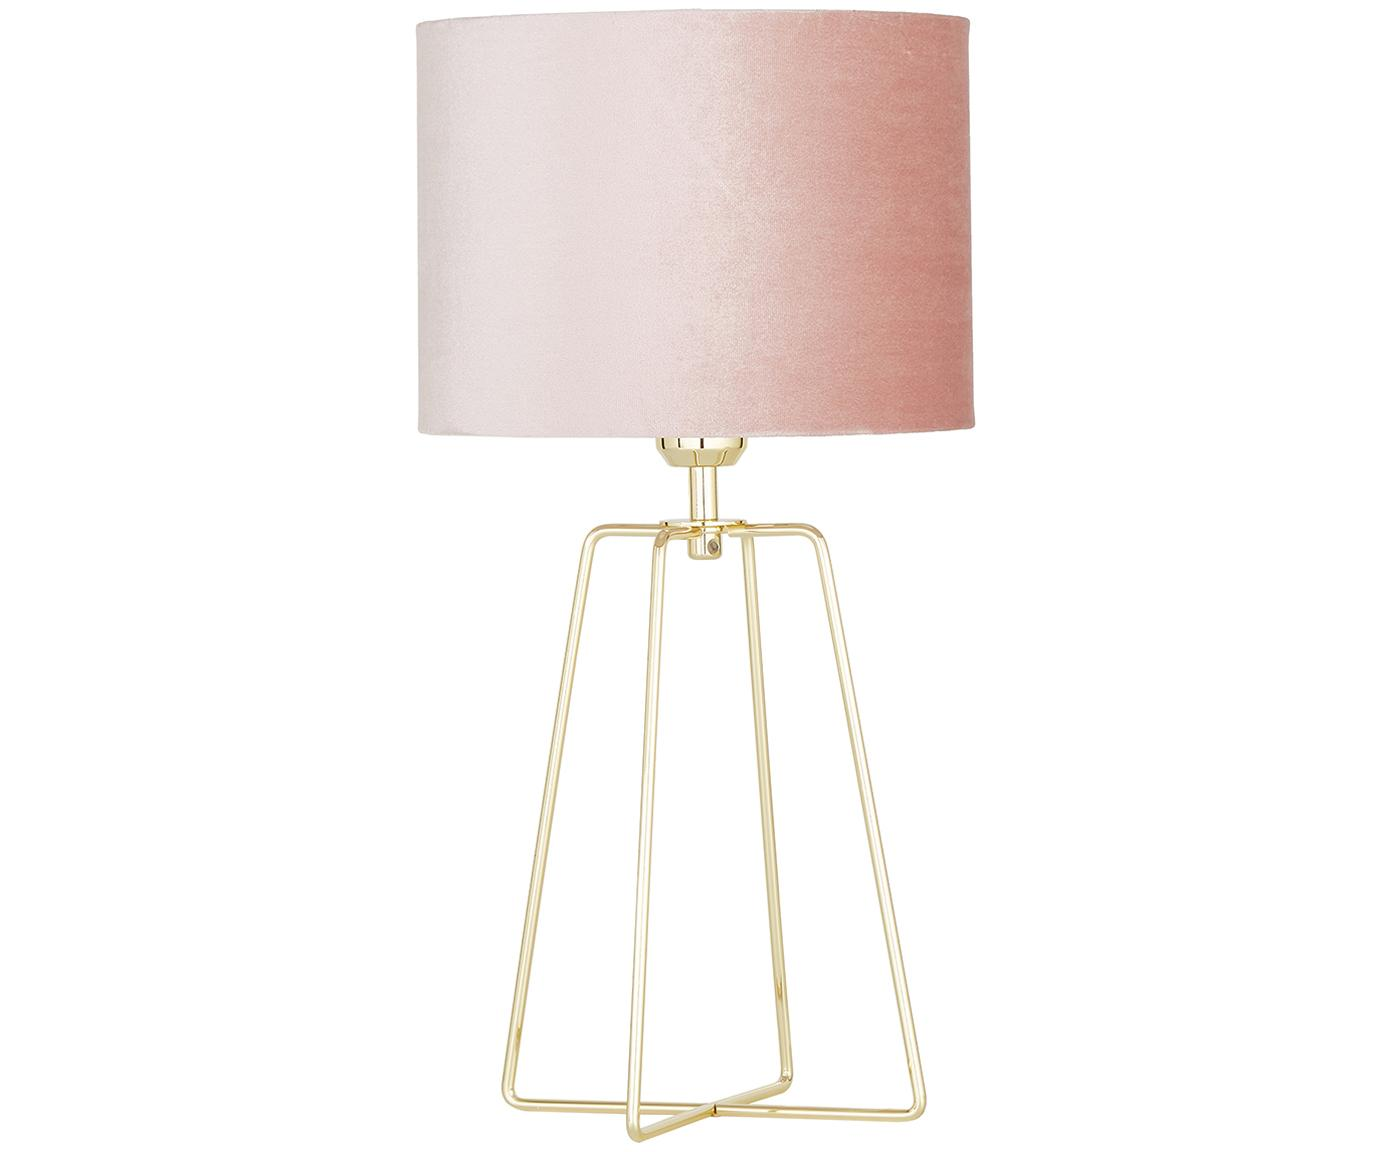 Lampa stołowa Miranda, Klosz: brudny różowy Podstawa lampy: mosiądz, błyszczący Kabel: transparentny, Ø 25 x W 49 cm